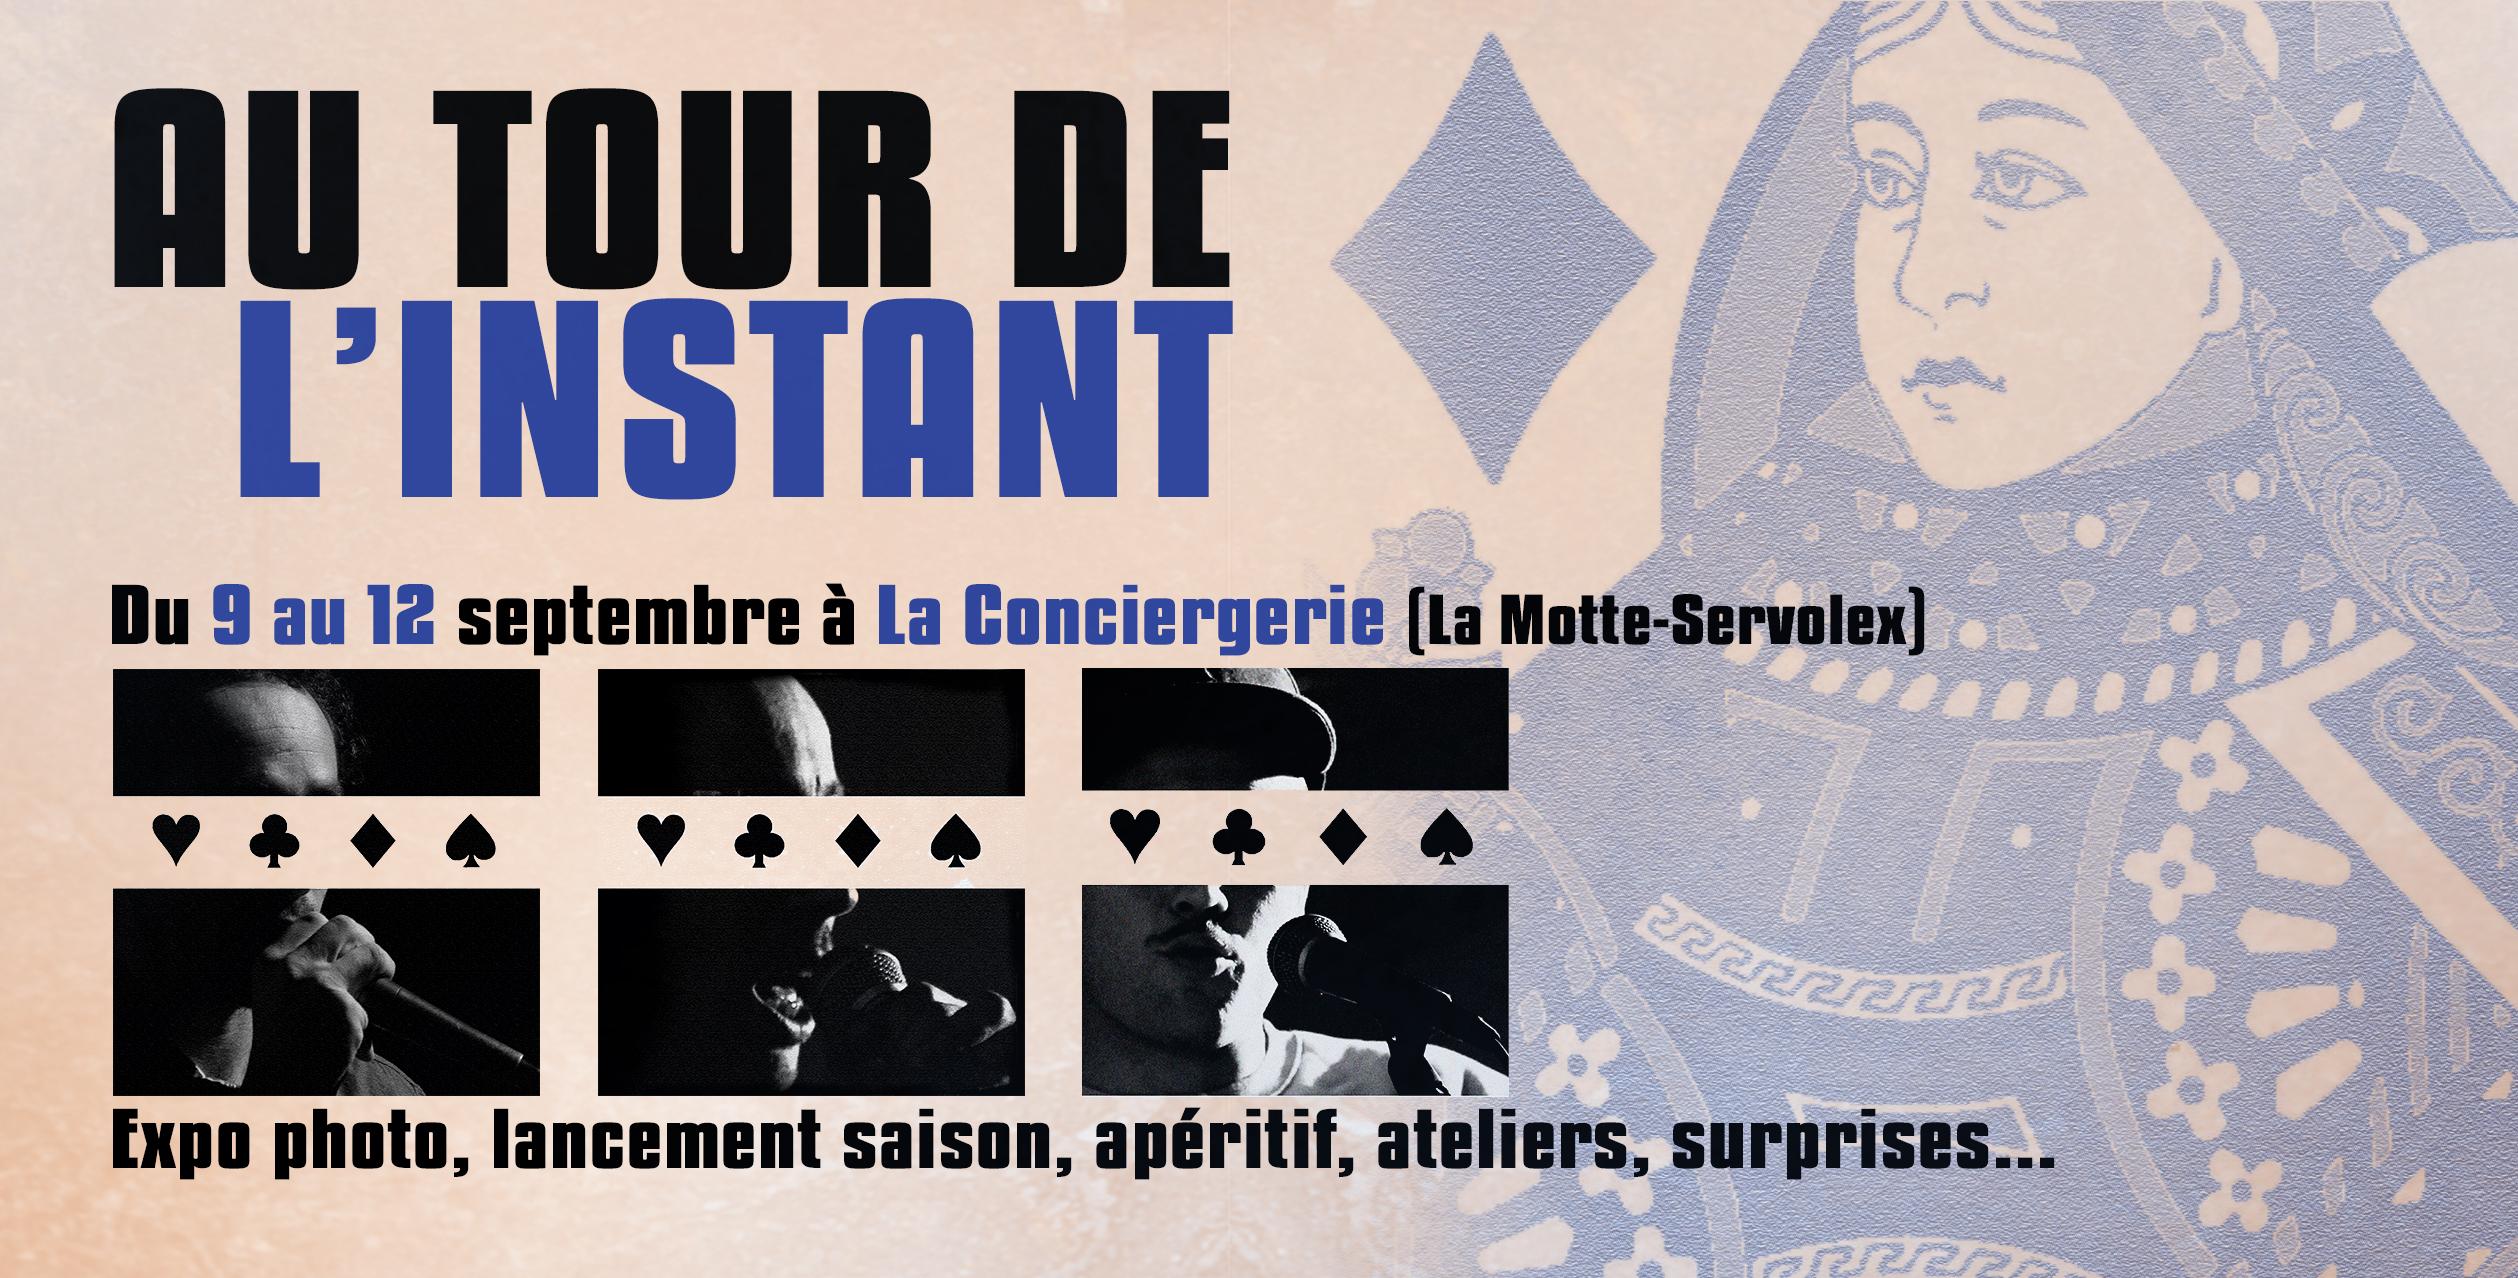 Plaquette_Autourdel'instant_recto